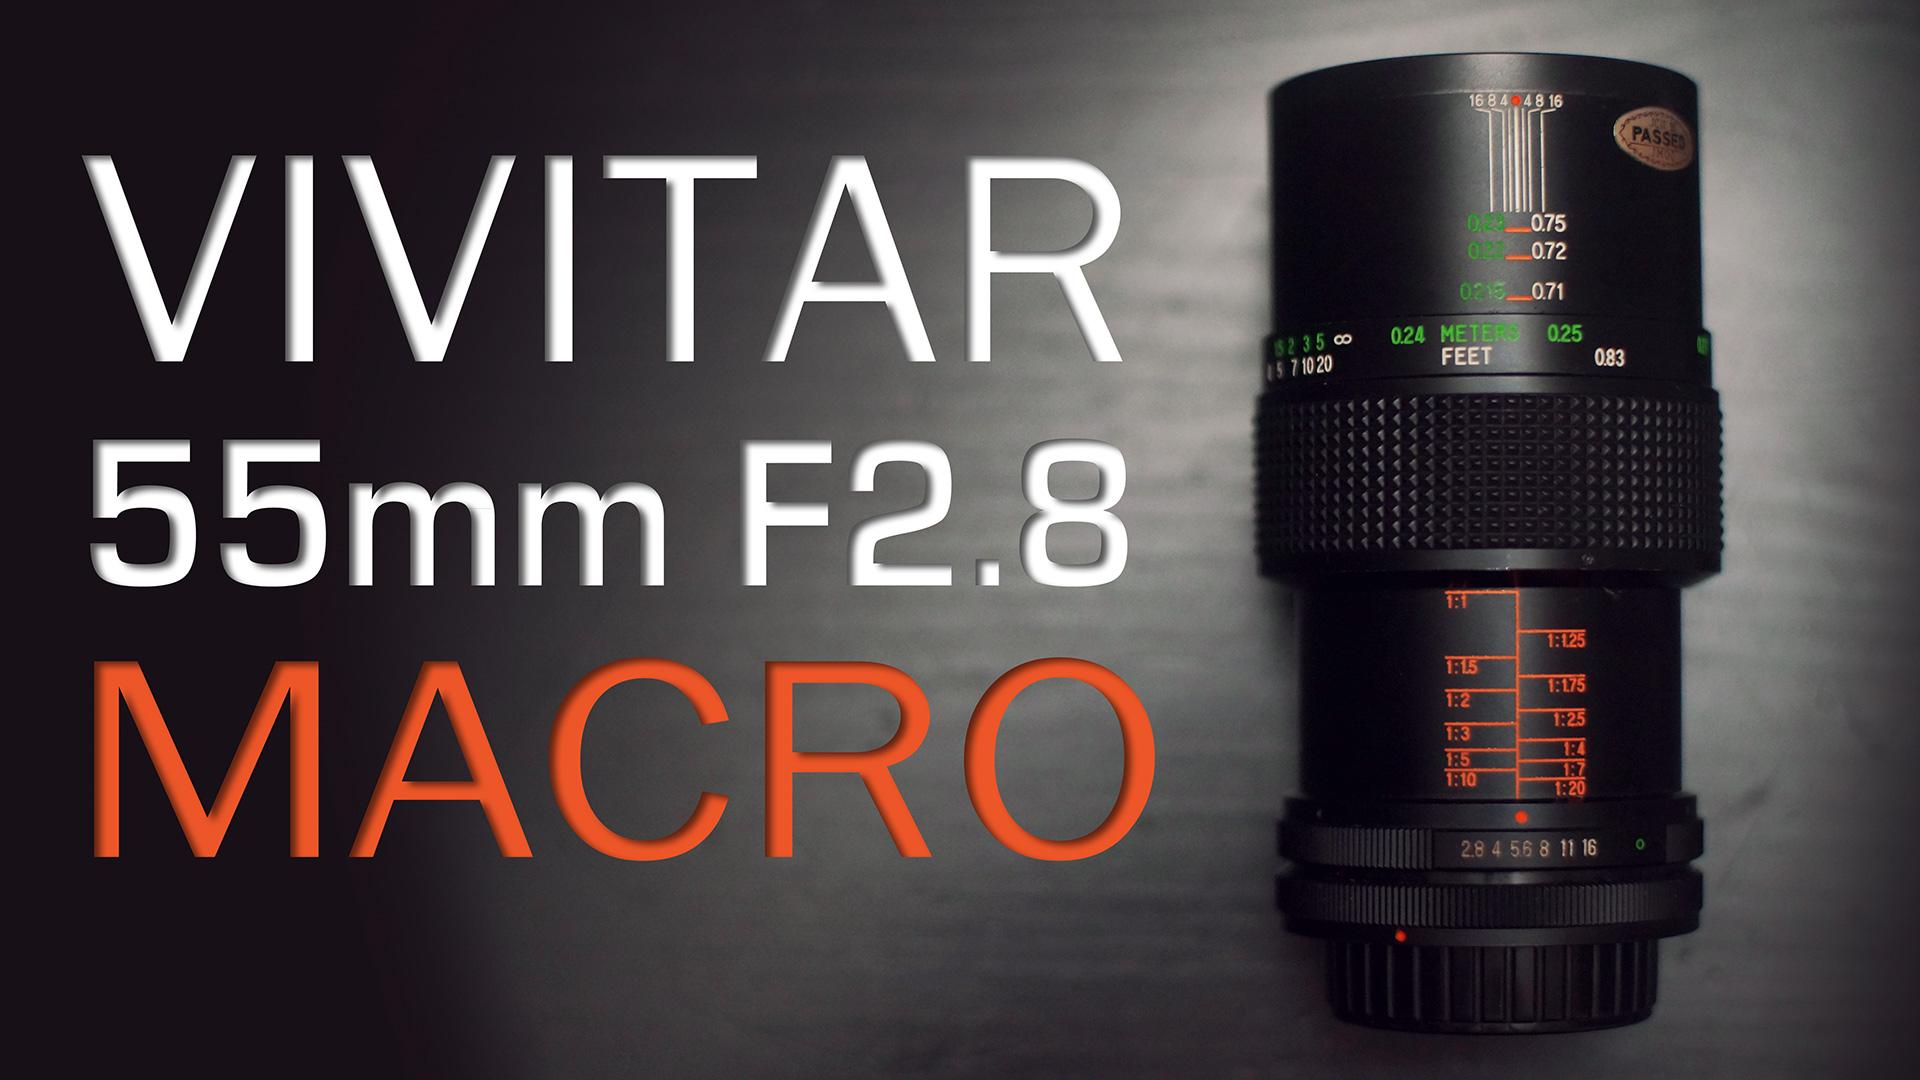 VIVITAR 55mm F2.8 1:1 MACRO REVIEW